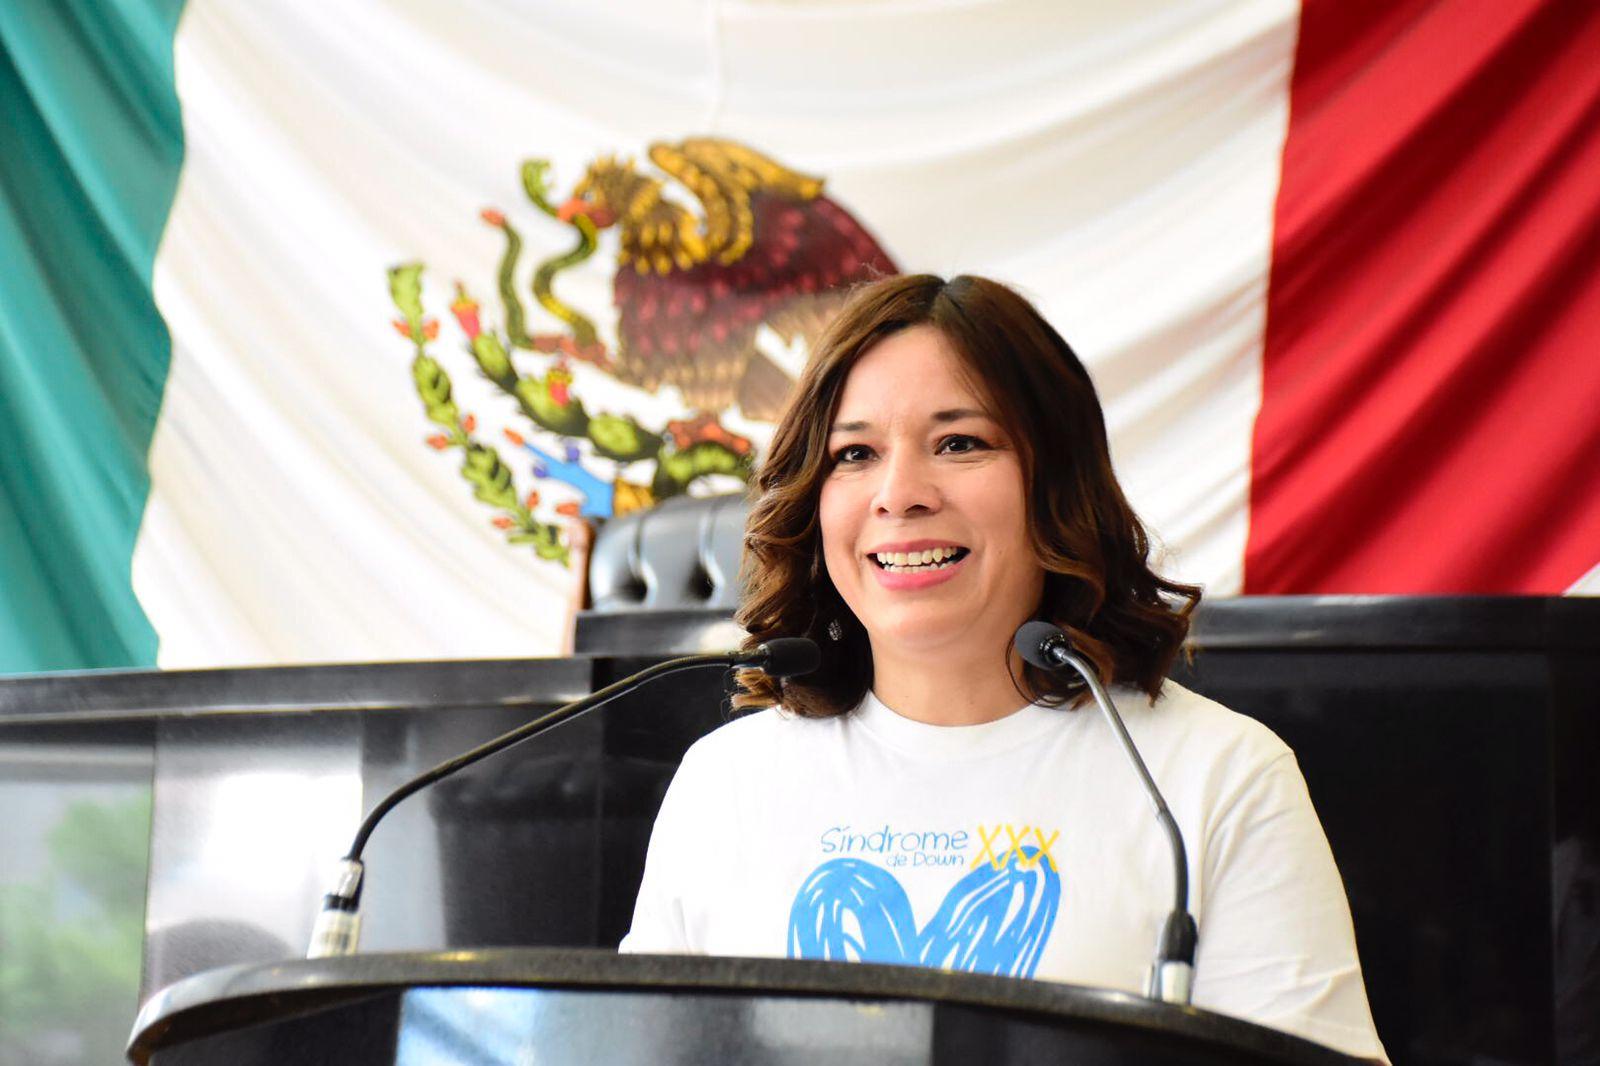 Mejorar la calidad y condiciones de vida de personas con síndrome de Down debe ser prioridad: Rocio Sarmiento